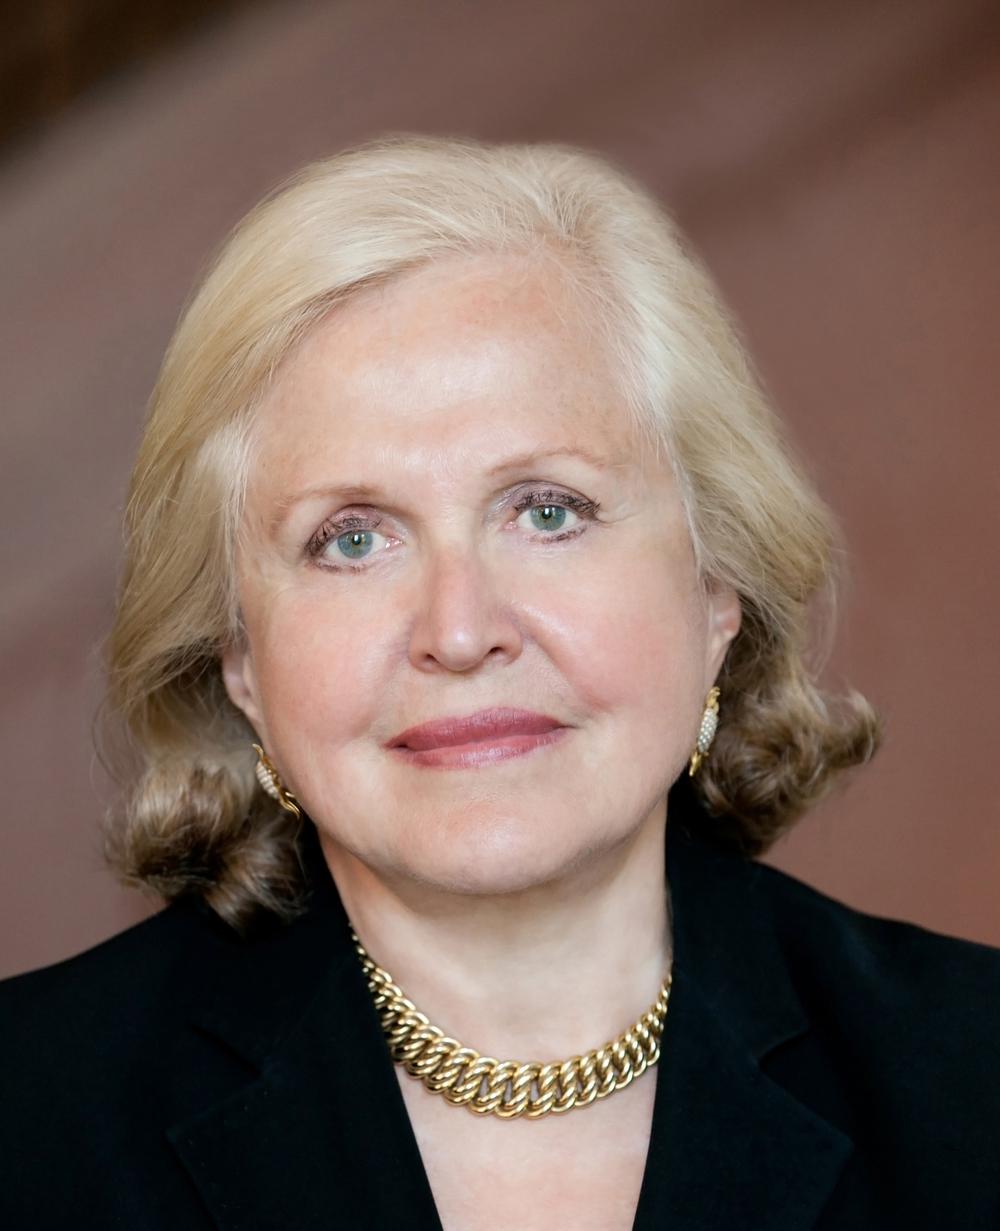 Regina Herzlinger, Prof., HBS